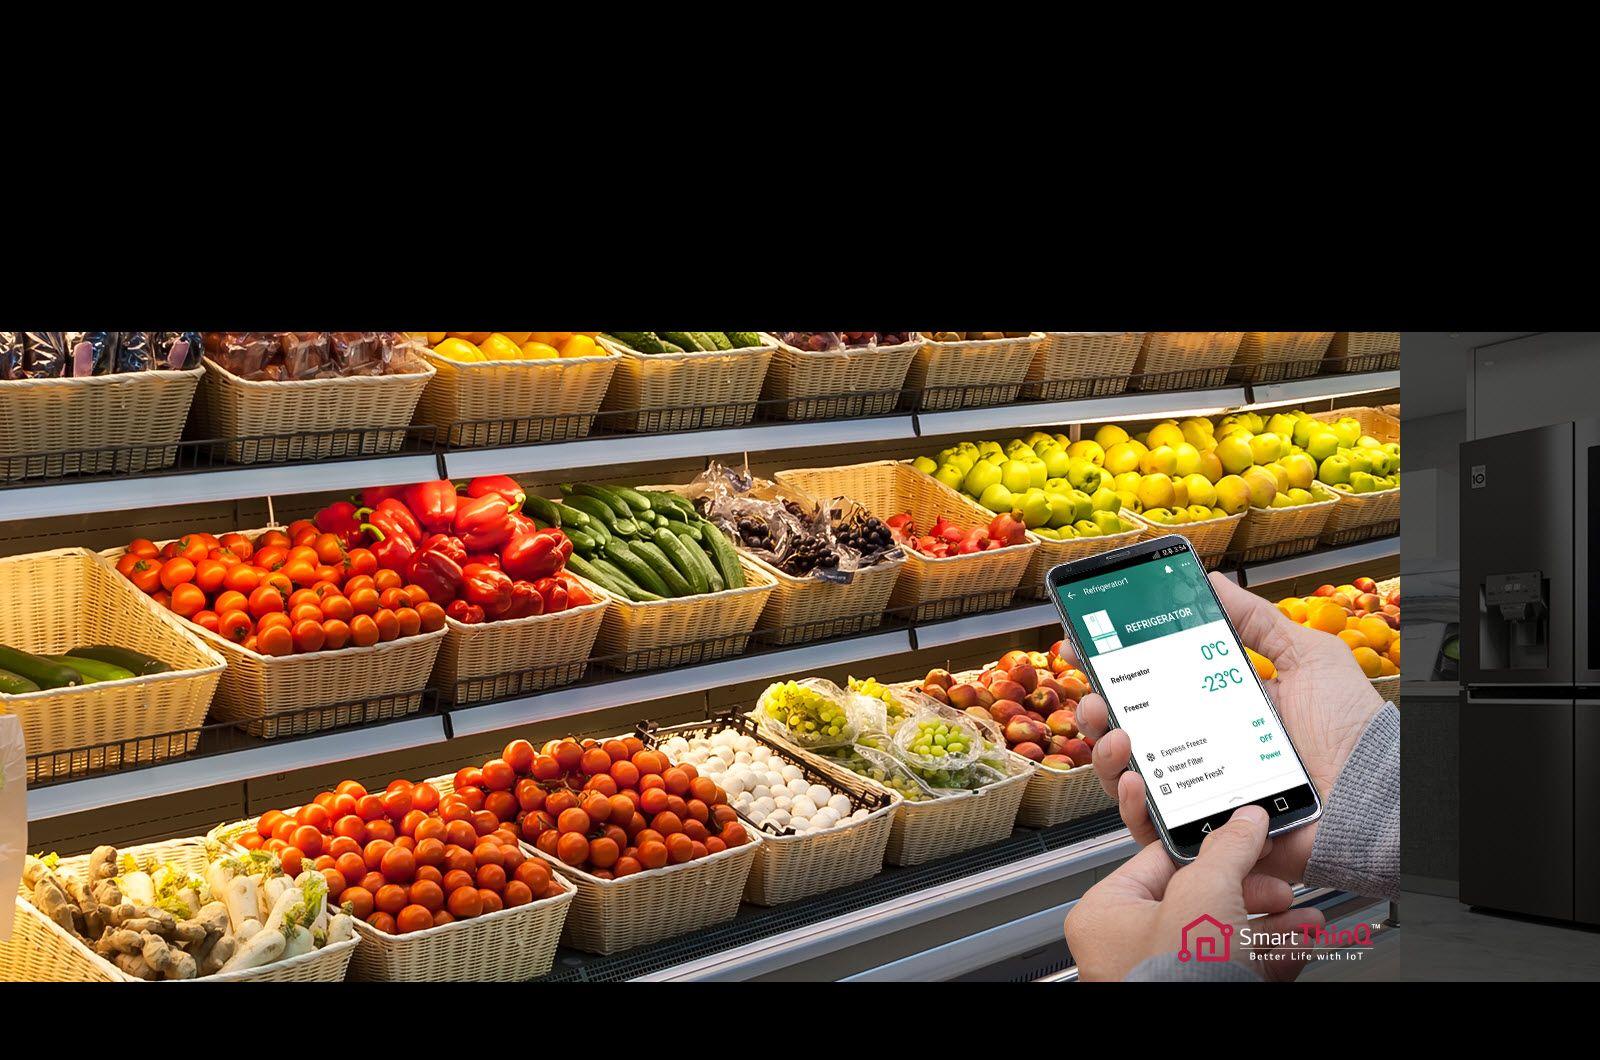 هوش مصنوعی SmartThinQ در یخچال x334 ال جی با استفاده هوش مصنوعی SmartThinQ شما قادر خواهید بود تا یخچال خود را هنگامی که می خواهید خرید کنید، از راه دور مدیریت کنید و از محتویات آن جهت خرید مایحتاج اطلاع پیدا کنید. اگر شما از محتویات یخچال مطلع شوید، دیگر خوراکی اضافی و غیر ضروری نخواهید خرید. همچنین شرکت ال جی در محصولات خود از سیستم عیب یابی هوشمند استفاده می کند که در نتیجه آن، محصولات می توانند حرف بزنند و مشکلاتشان را شخصا مطرح کنند. که برای این کار بایستی برنامه مربوطه را روی گوشی هوشمند خود نصب کنید. به لطف وجود «سیستم عیب یابی هوشمند» نه تنها در هزینهها، بلکه در وقت شما نیز صرفهجویی میشود. با SmartThinQ می توانید با استفاده از گوشی و بدون نیاز به پشتیبانی فنی، مشکلات یخچال خود را رفع کنید. تشخیص هوشمند یک قابلیت ساده است که به لوازم خانگی شما امکان می دهد به شما (و ال جی) بگویند که چه مشکلی پیش آمده و چگونه آن را تعمیر کنید. ال جی با این تکنولوژی توانسته تجربه نامطلوبی که کاربران با مشکلات لوازم خانگی داشتند را تا حد ممکن رفع نماید به همین دلیل به سیستم تشخیص عیب یابی هوشمند روی آورده است. با خرید یخچال ساید بای ساید X334 ال جی وسایلی هوشمند در منزل خود داشته باشید و همیشه با آنها در ارتباط باشید!